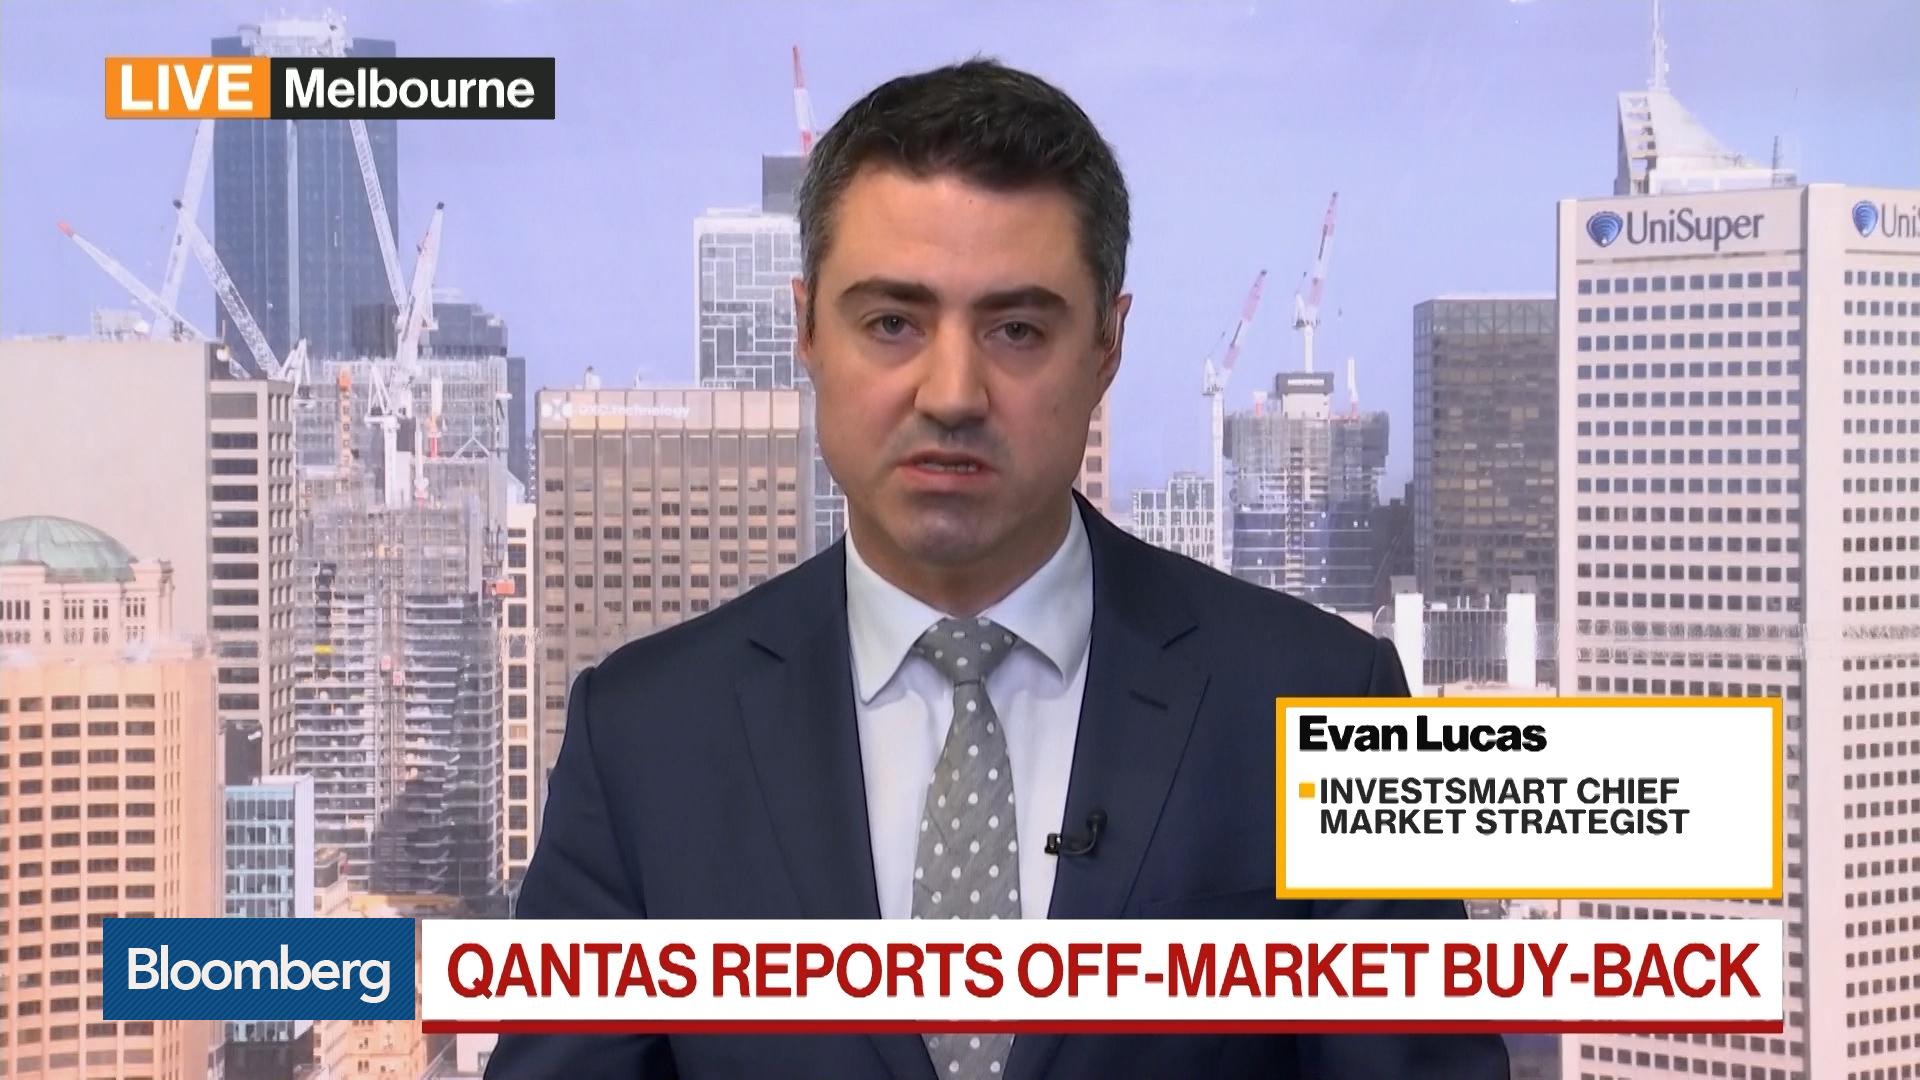 Evan Lucas, strategist at Investsmart, on Qantas Airways